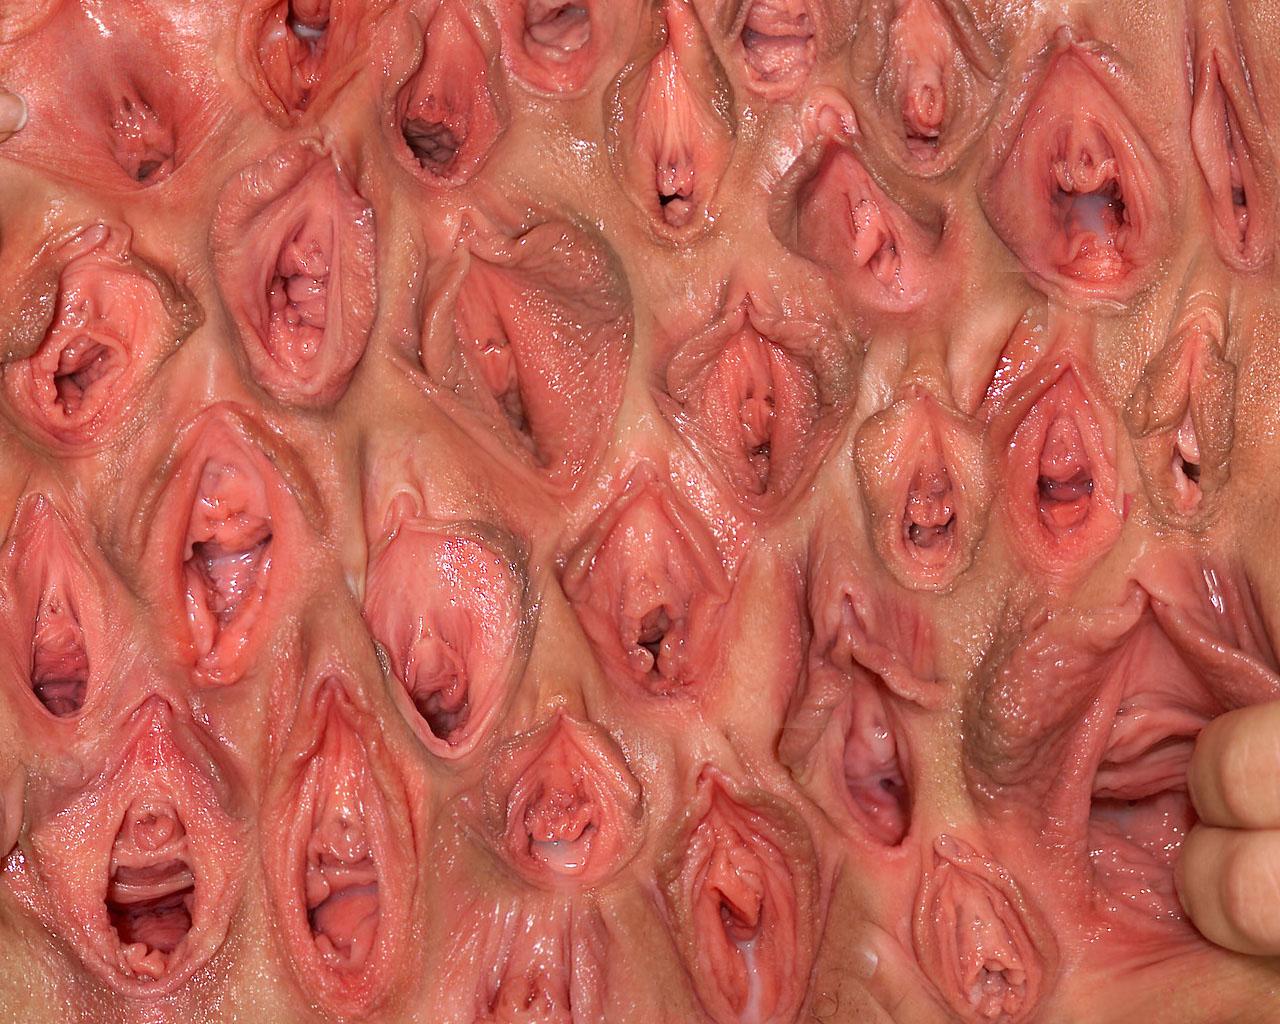 Съемки оргазма внутри влагалища 18 фотография